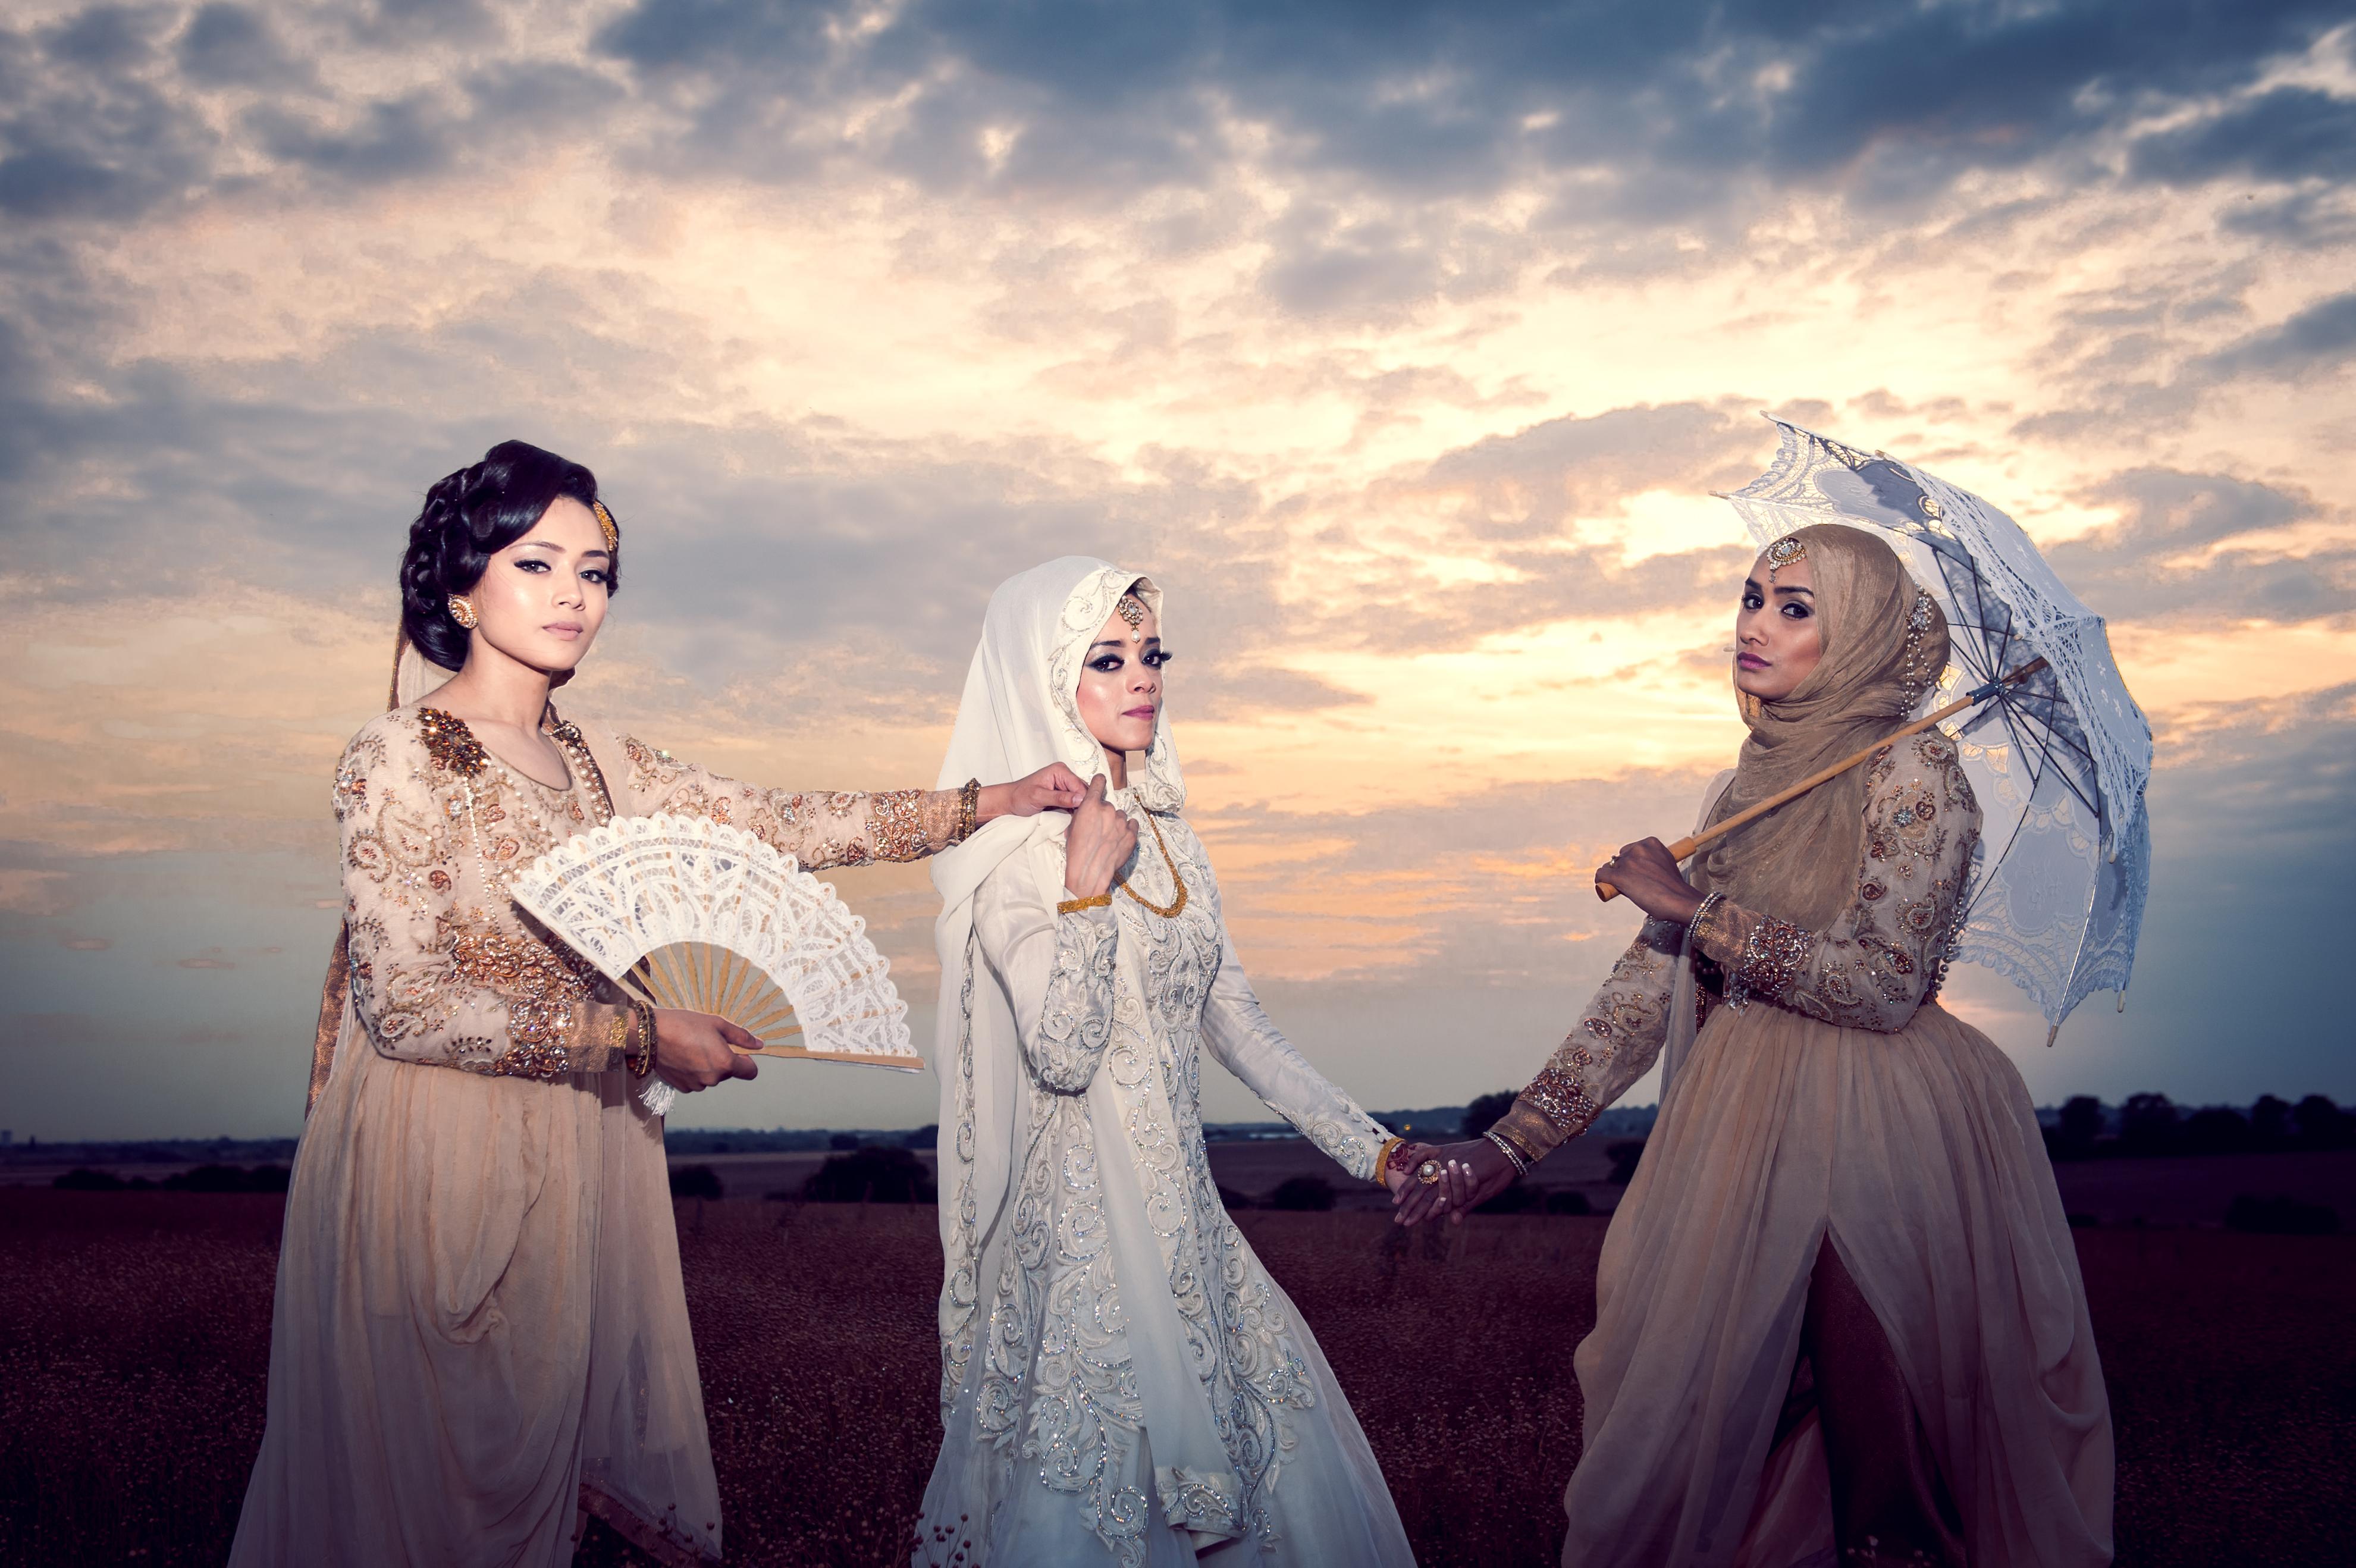 Marwa & Co